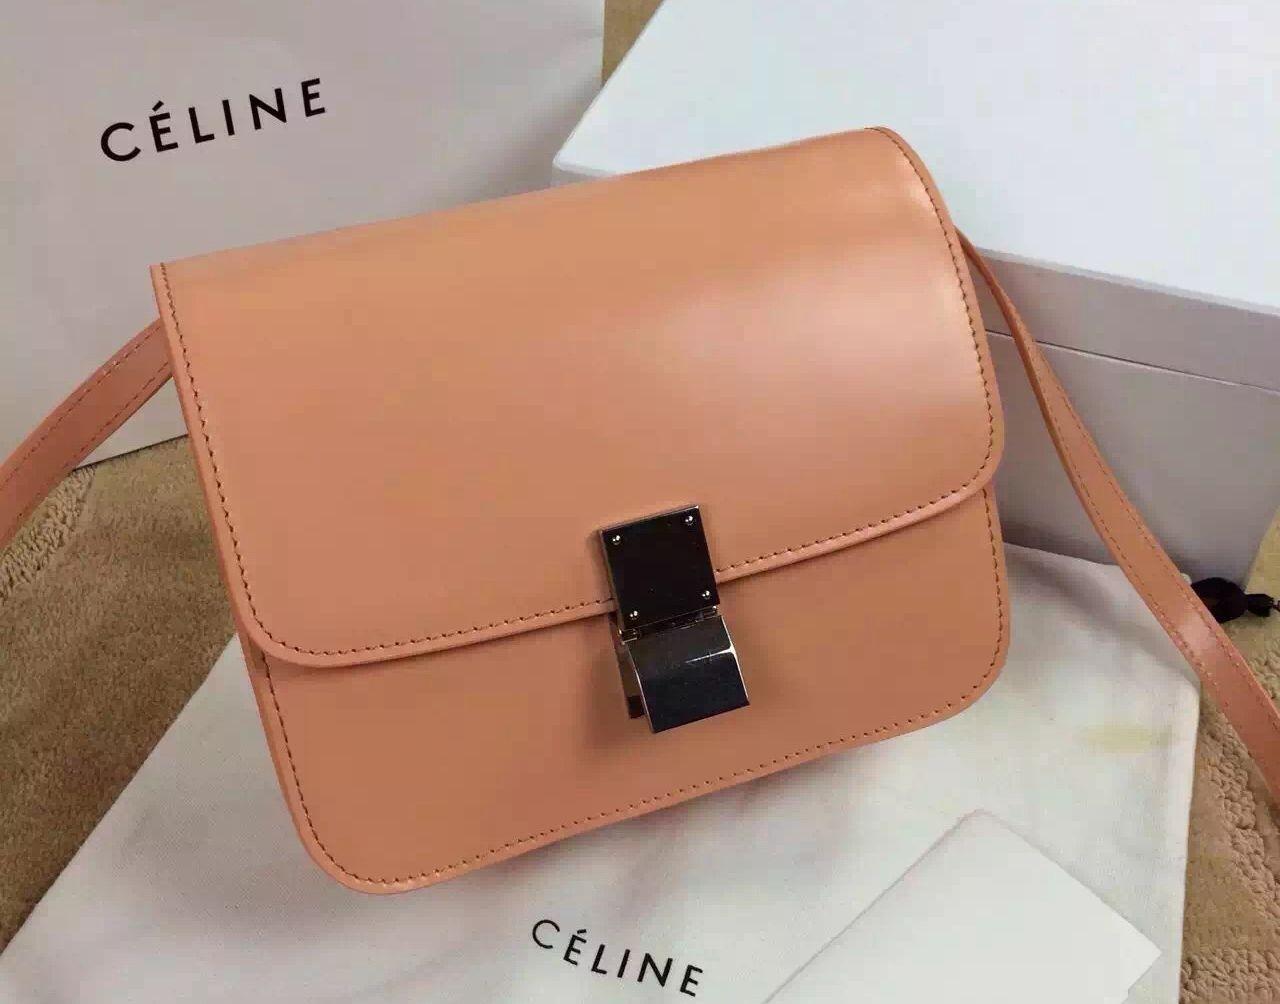 74201f8bf3 Celine Classic Medium Box Bag 100% Authentic 80% Off